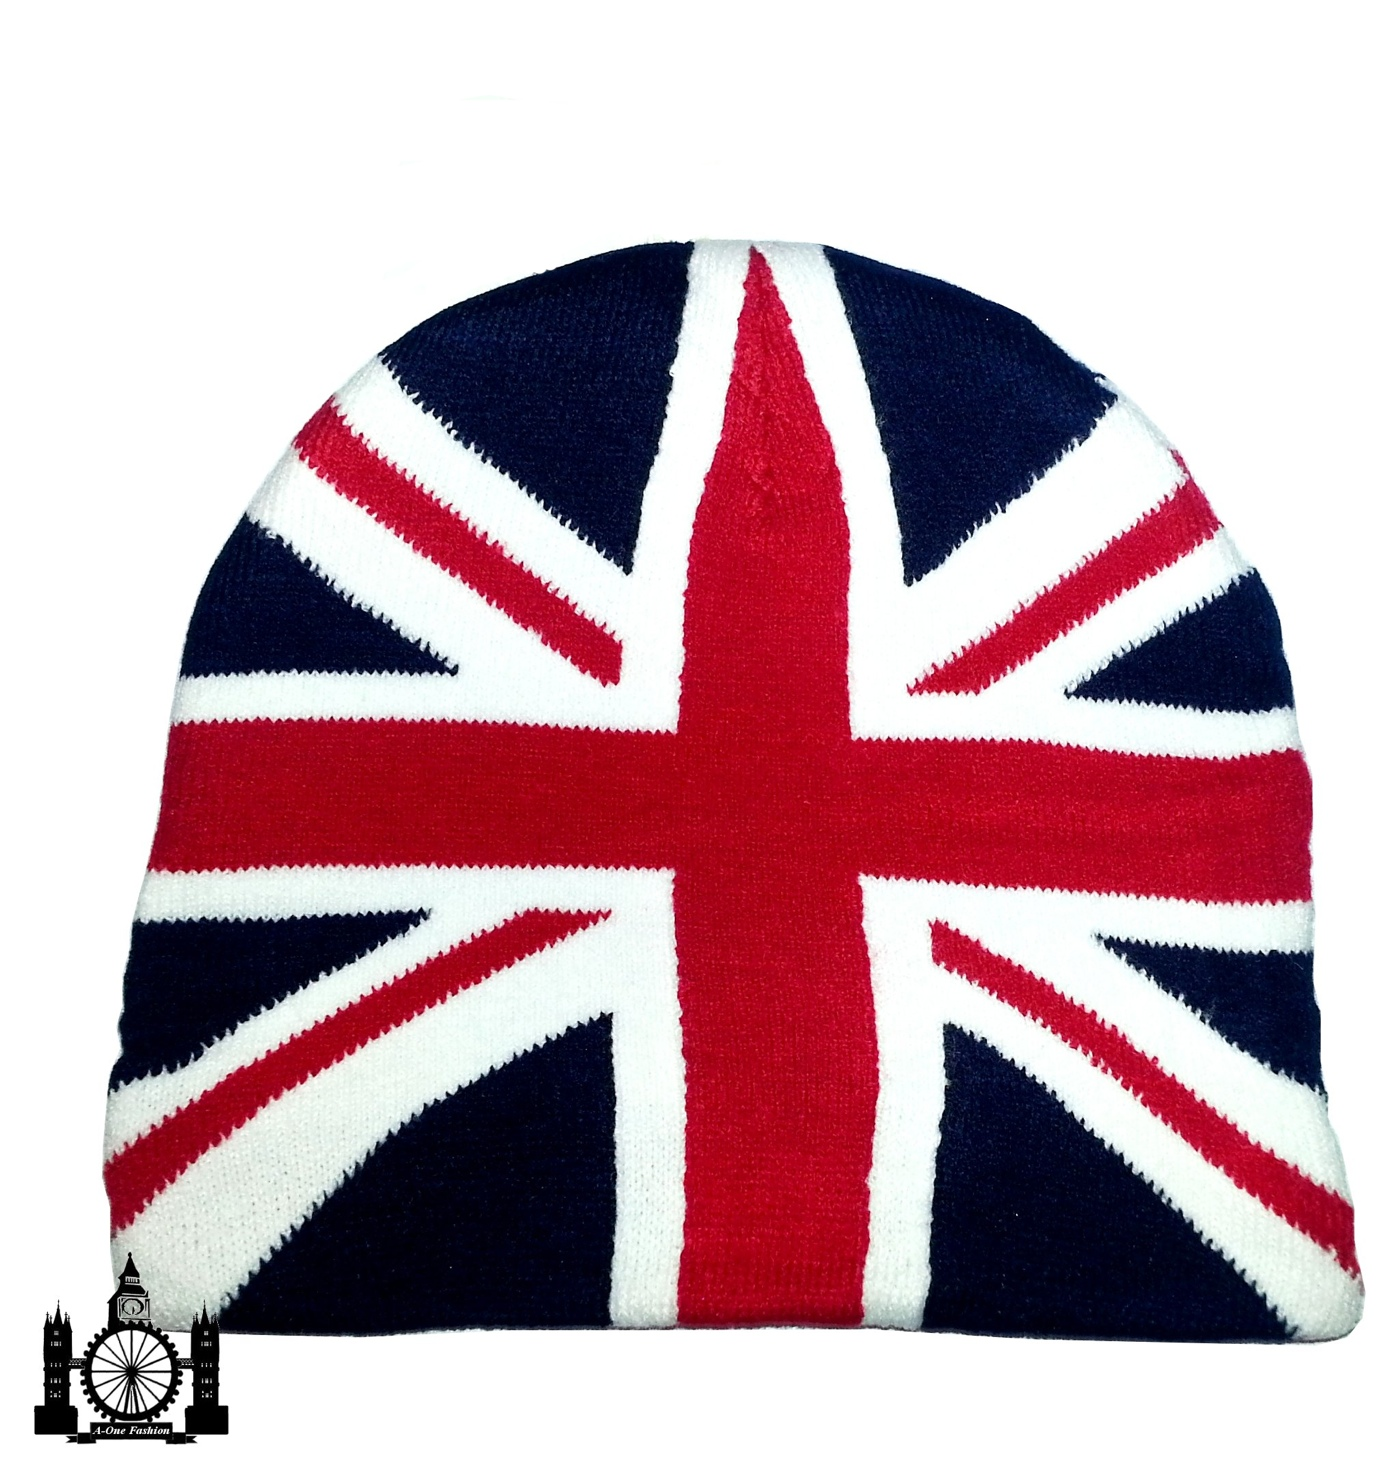 2400 Union Jack beanie hat London souvenirs UJ hat man women winter hat